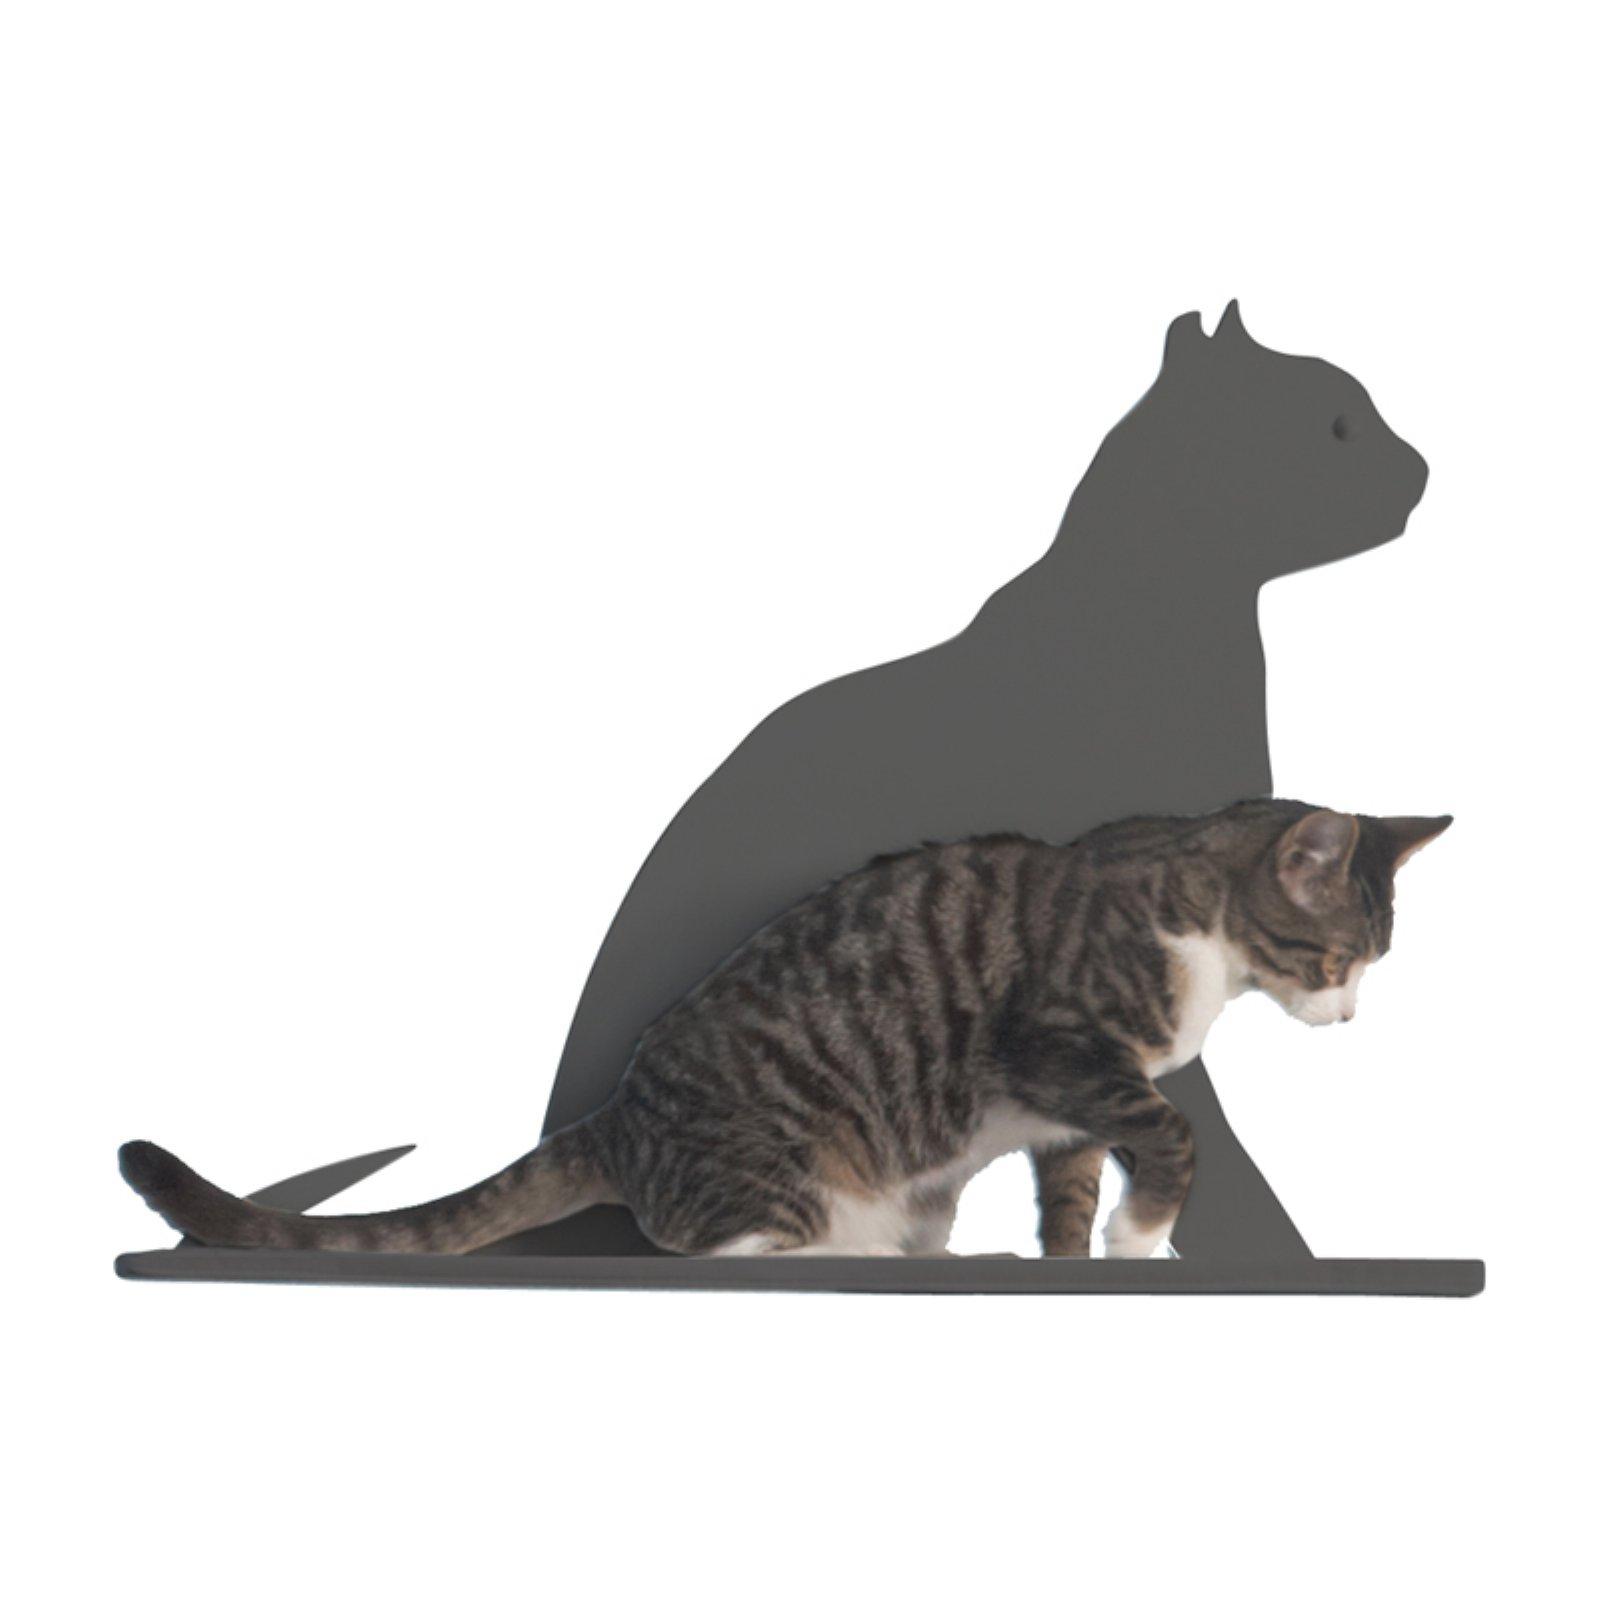 The Refined Feline Refined Feline Cat Silhouette Cat Shel...